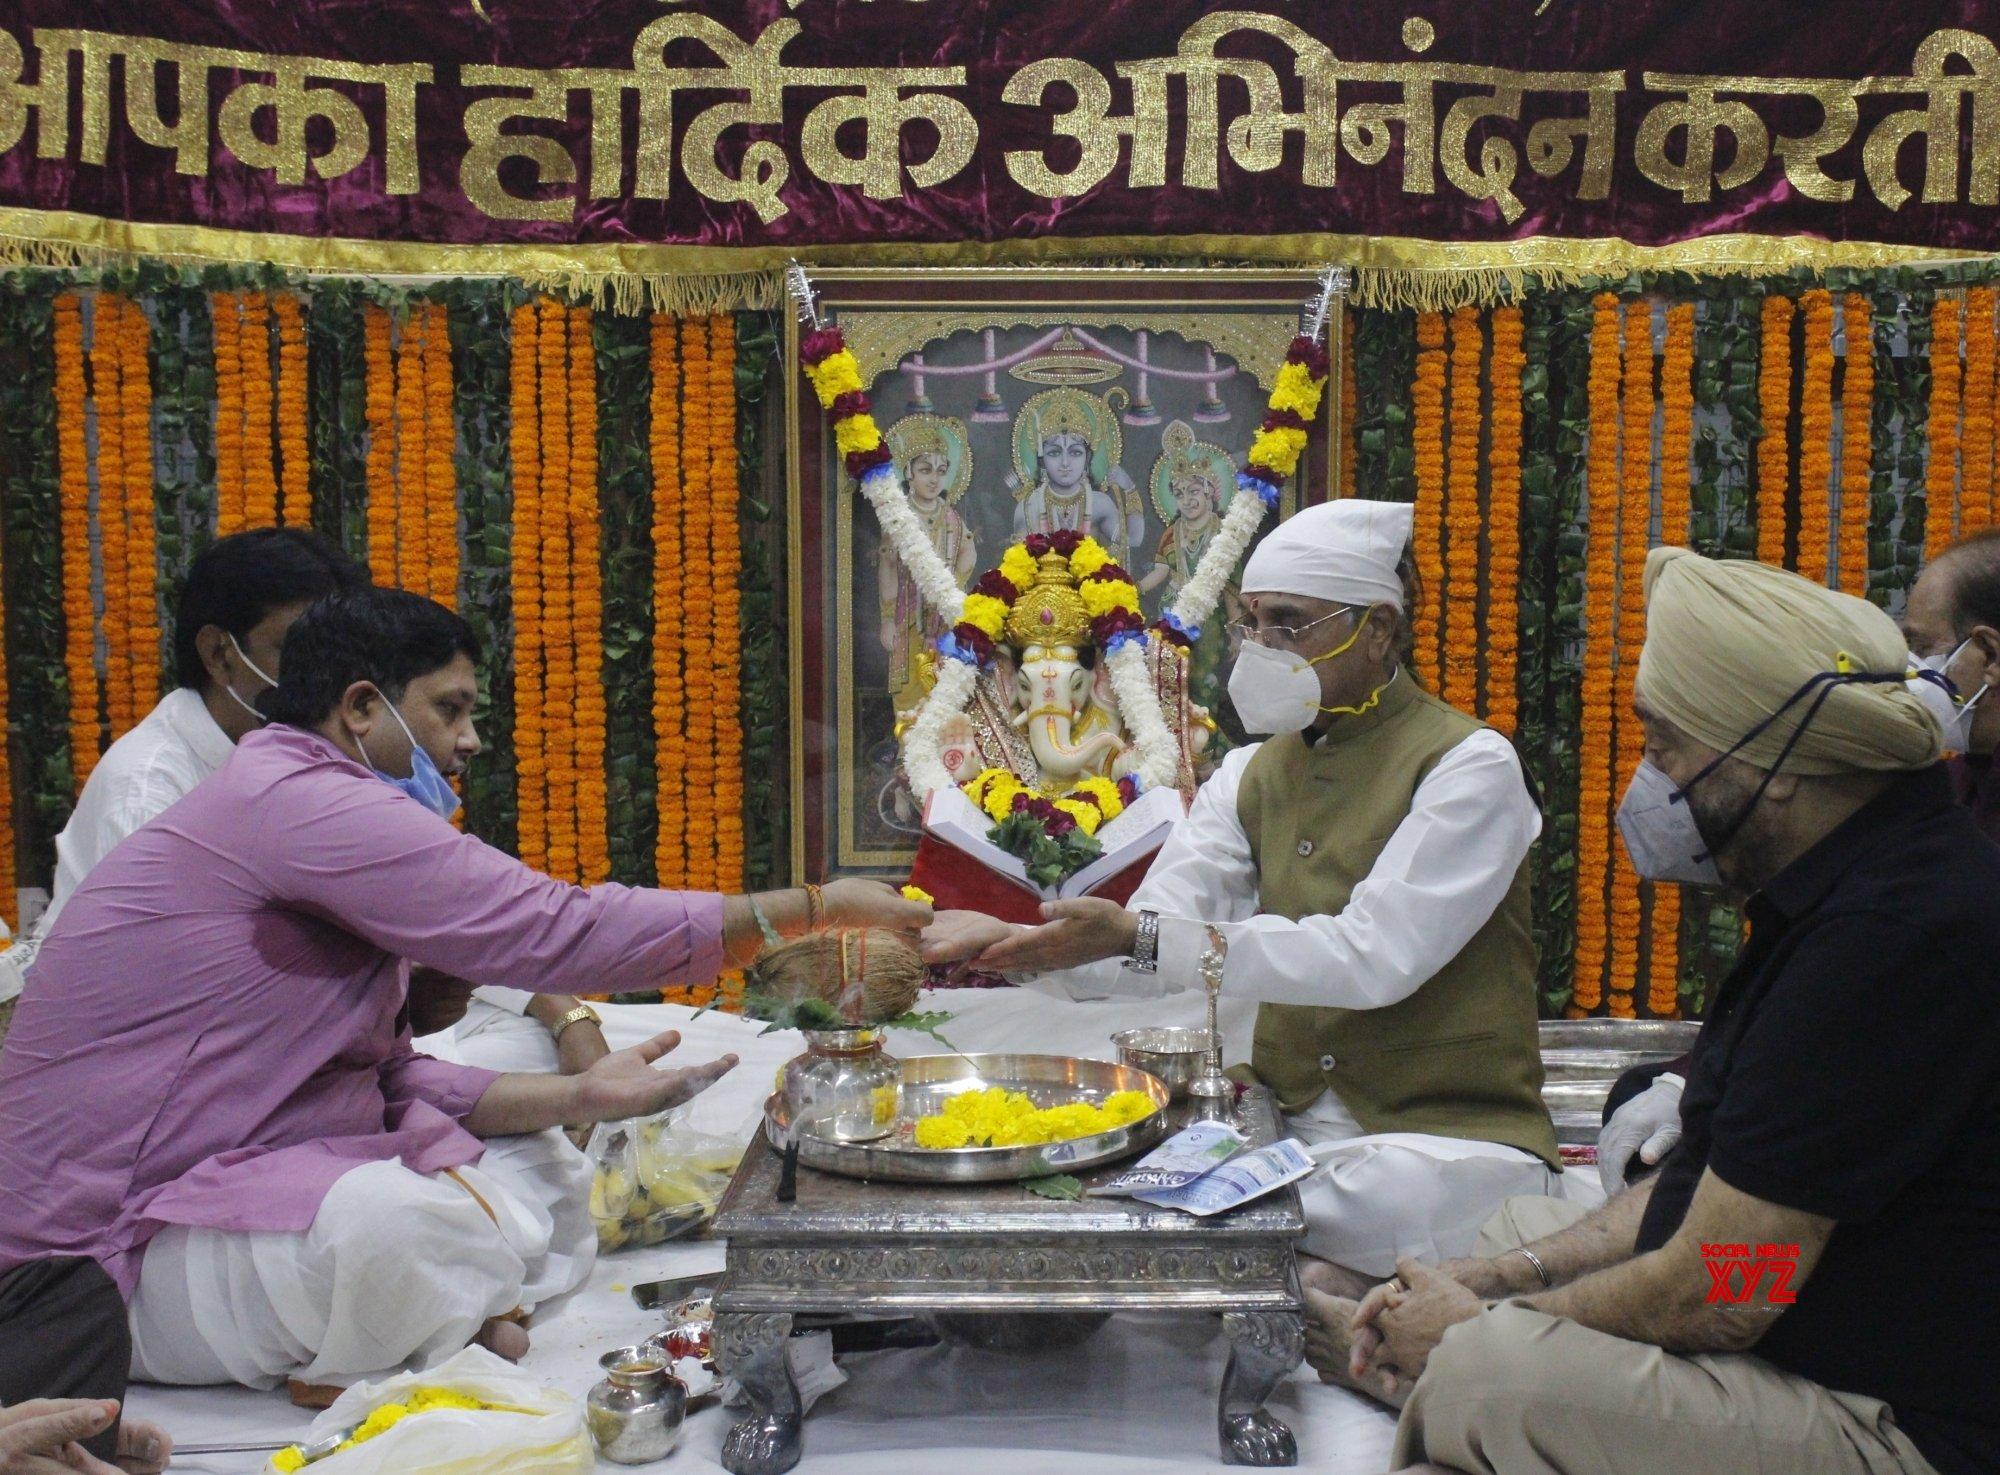 New Delhi: Members of Shri Dharmik Leela Committee perform Ganesh Puja #Gallery